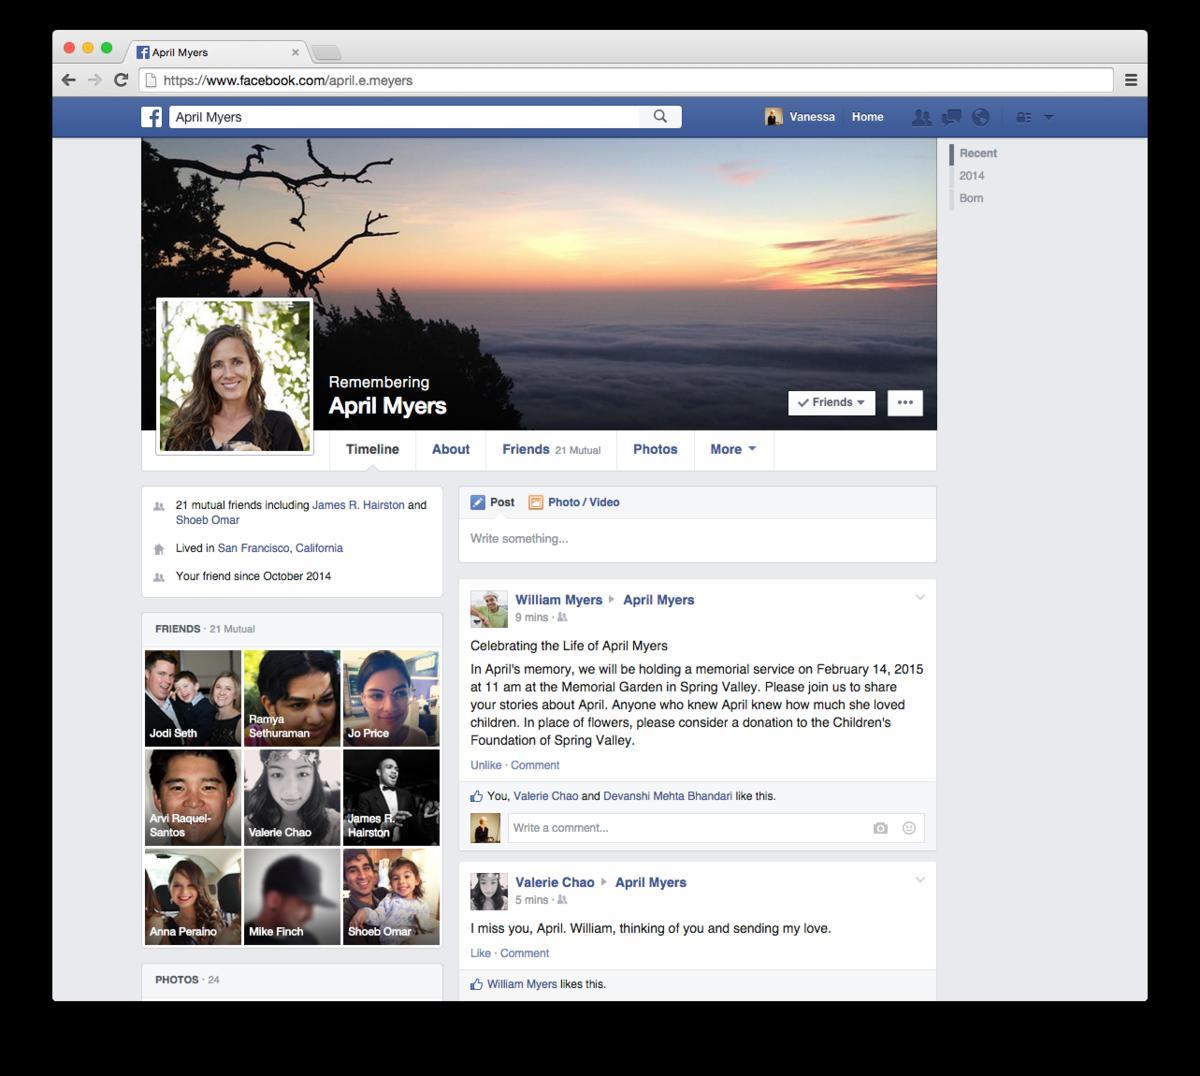 Neue Facebook-Funktion: Facebook vereinfacht die Pflege